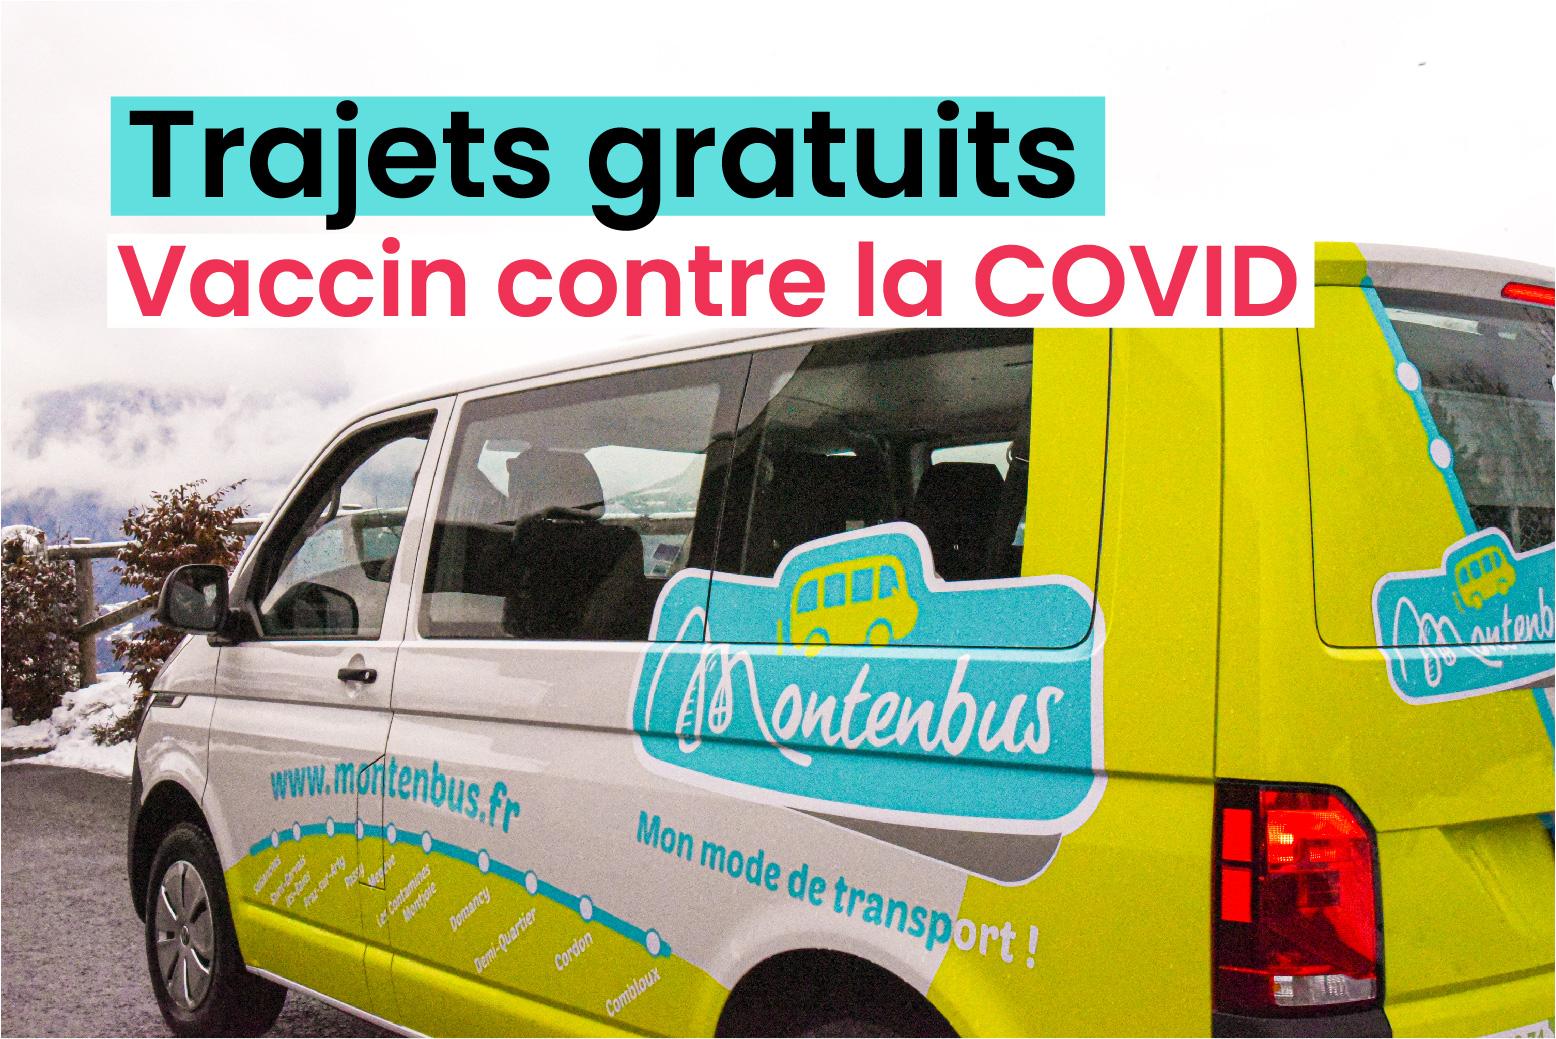 Trajets gratuits vaccin Montenbus